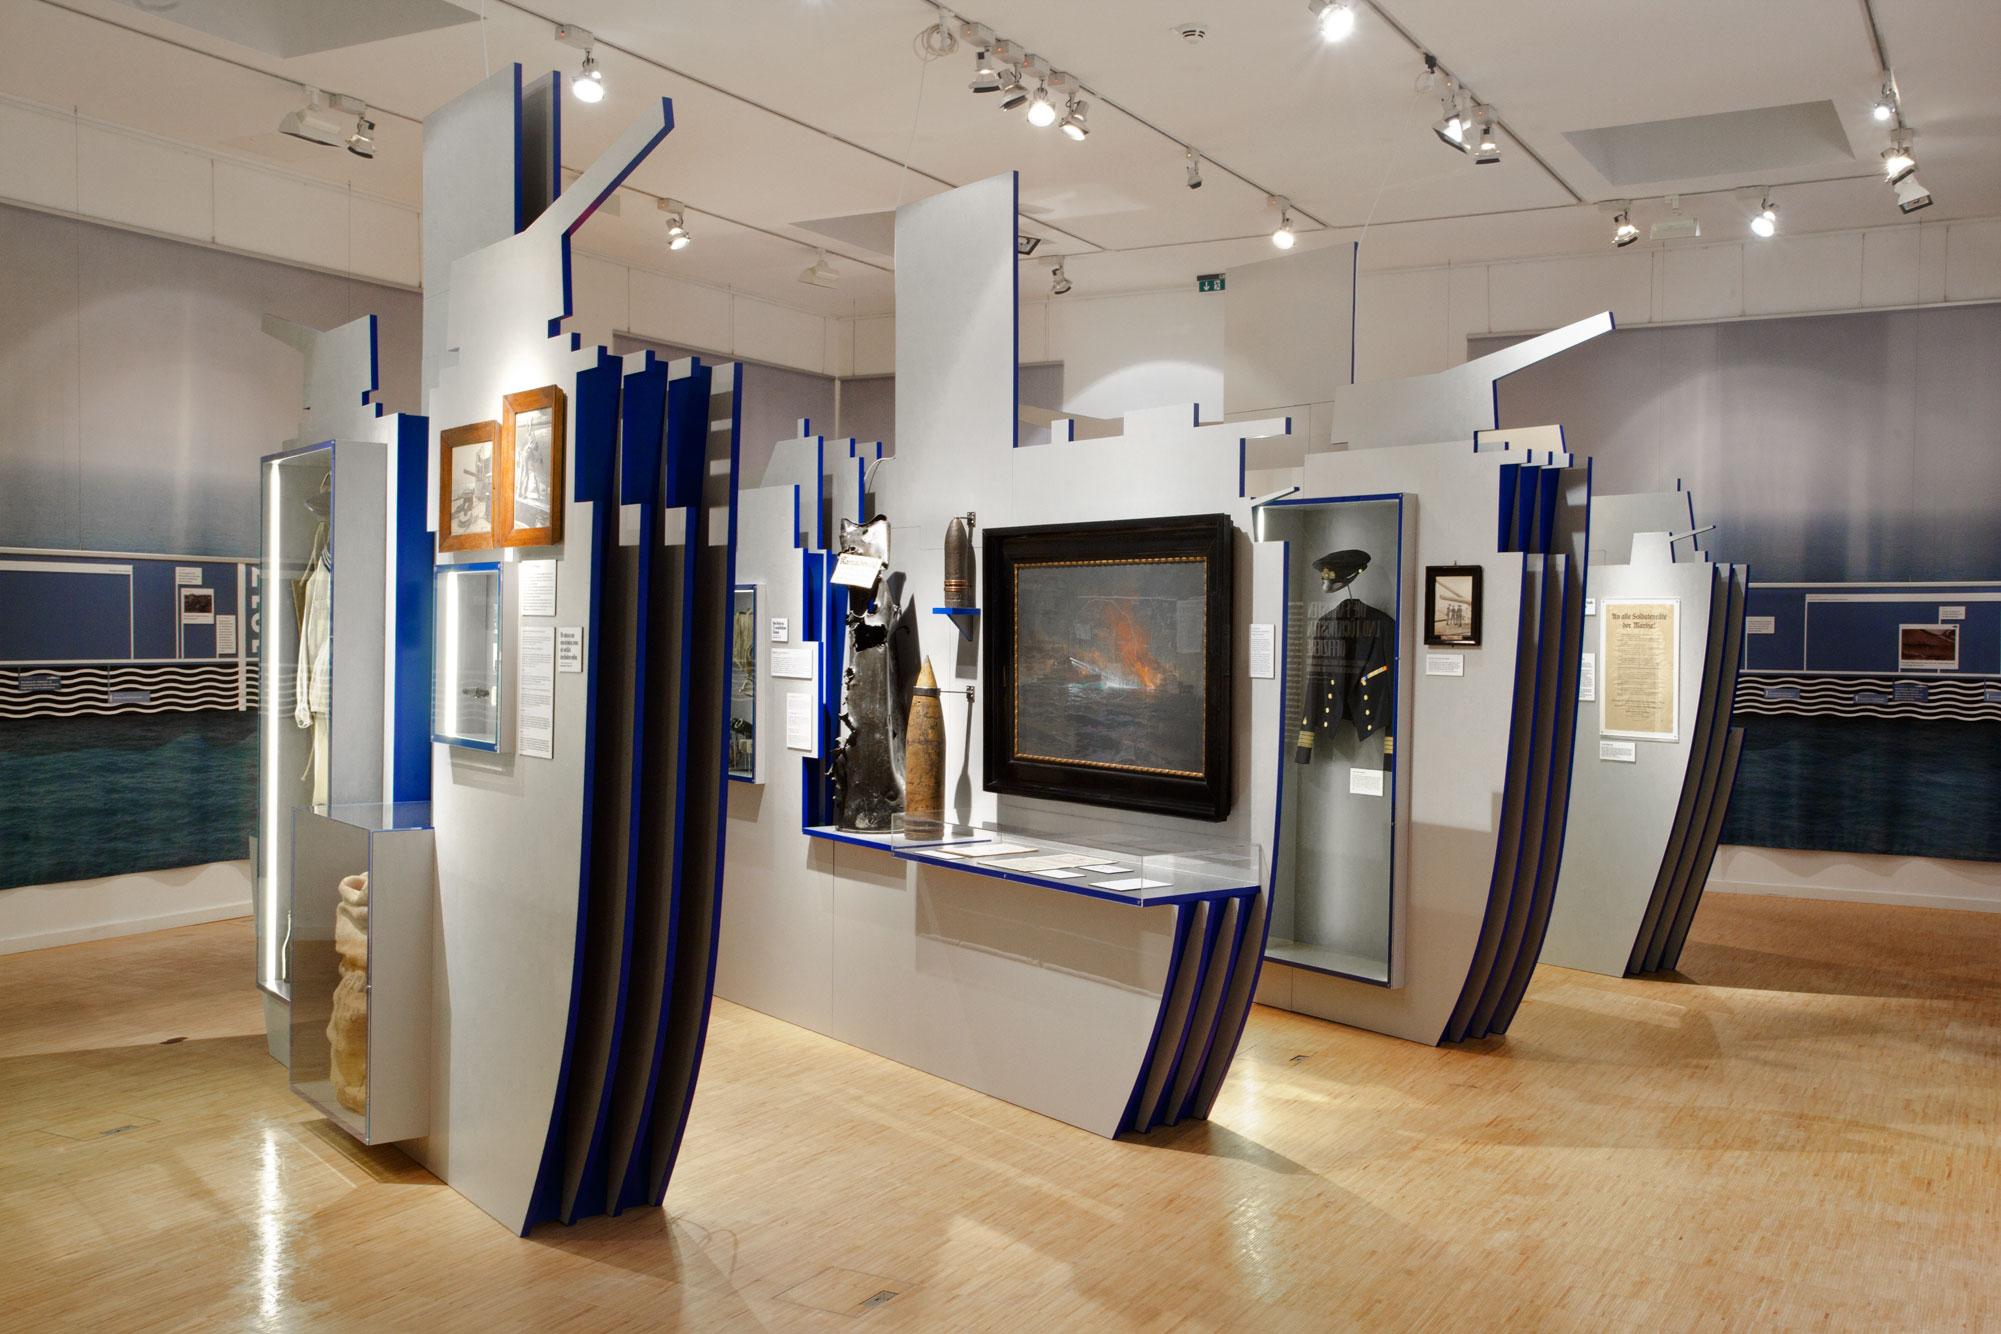 von GROTE Ausstellungsgestaltung und Design / Die Flotte schläft im Hafen ein. 14/18 – Kriegsalltag in Matrosen-Tagebüchern